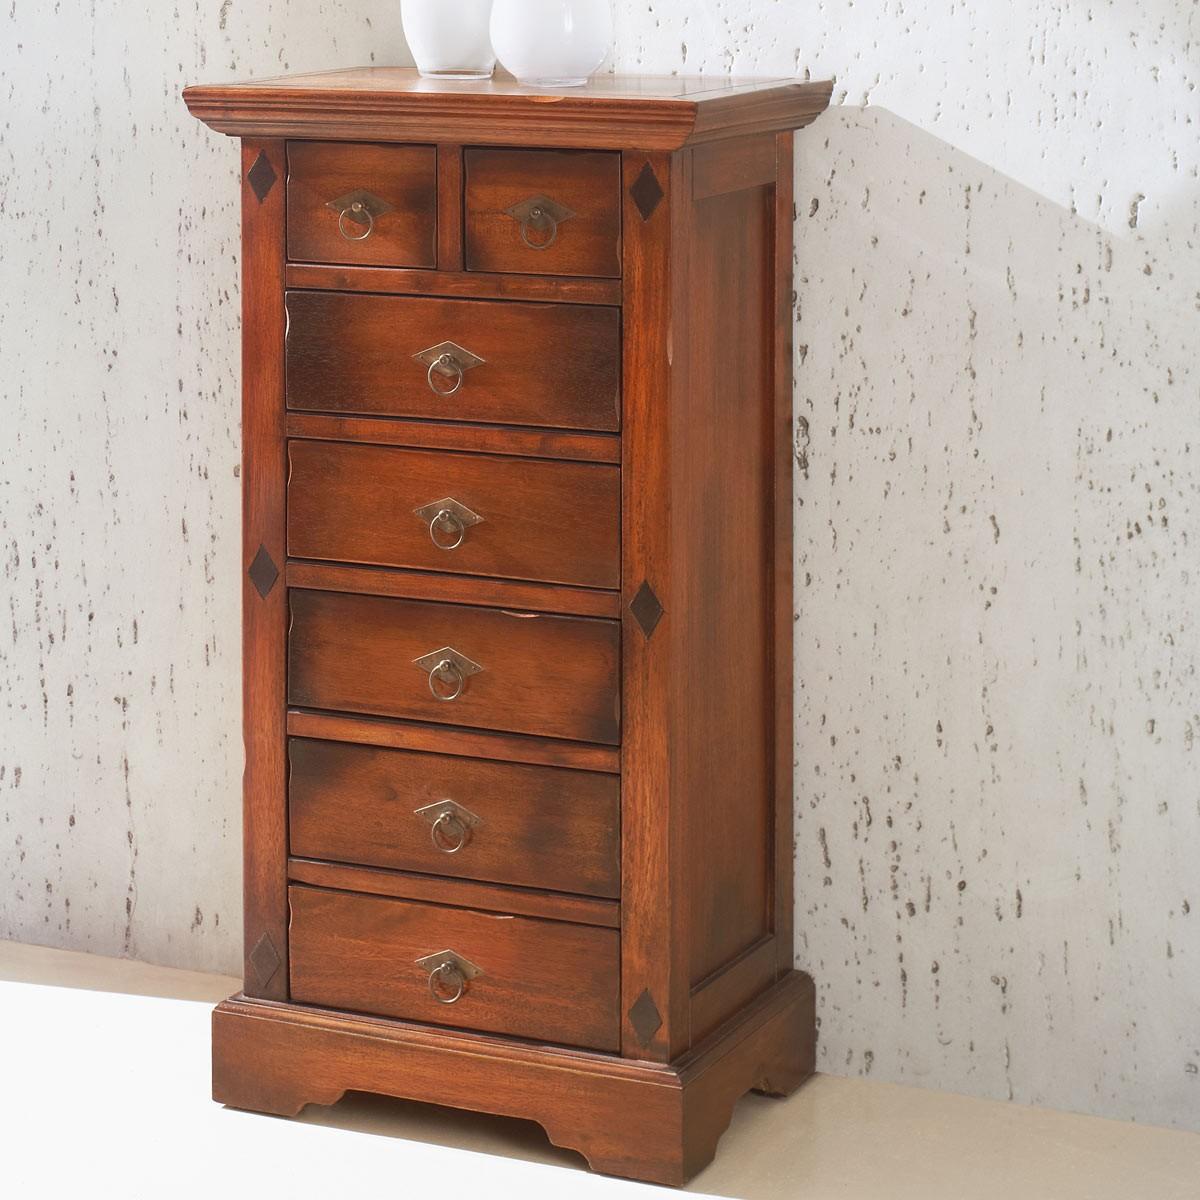 kommode kolonialstil bunt massivholz sideboard kommode. Black Bedroom Furniture Sets. Home Design Ideas